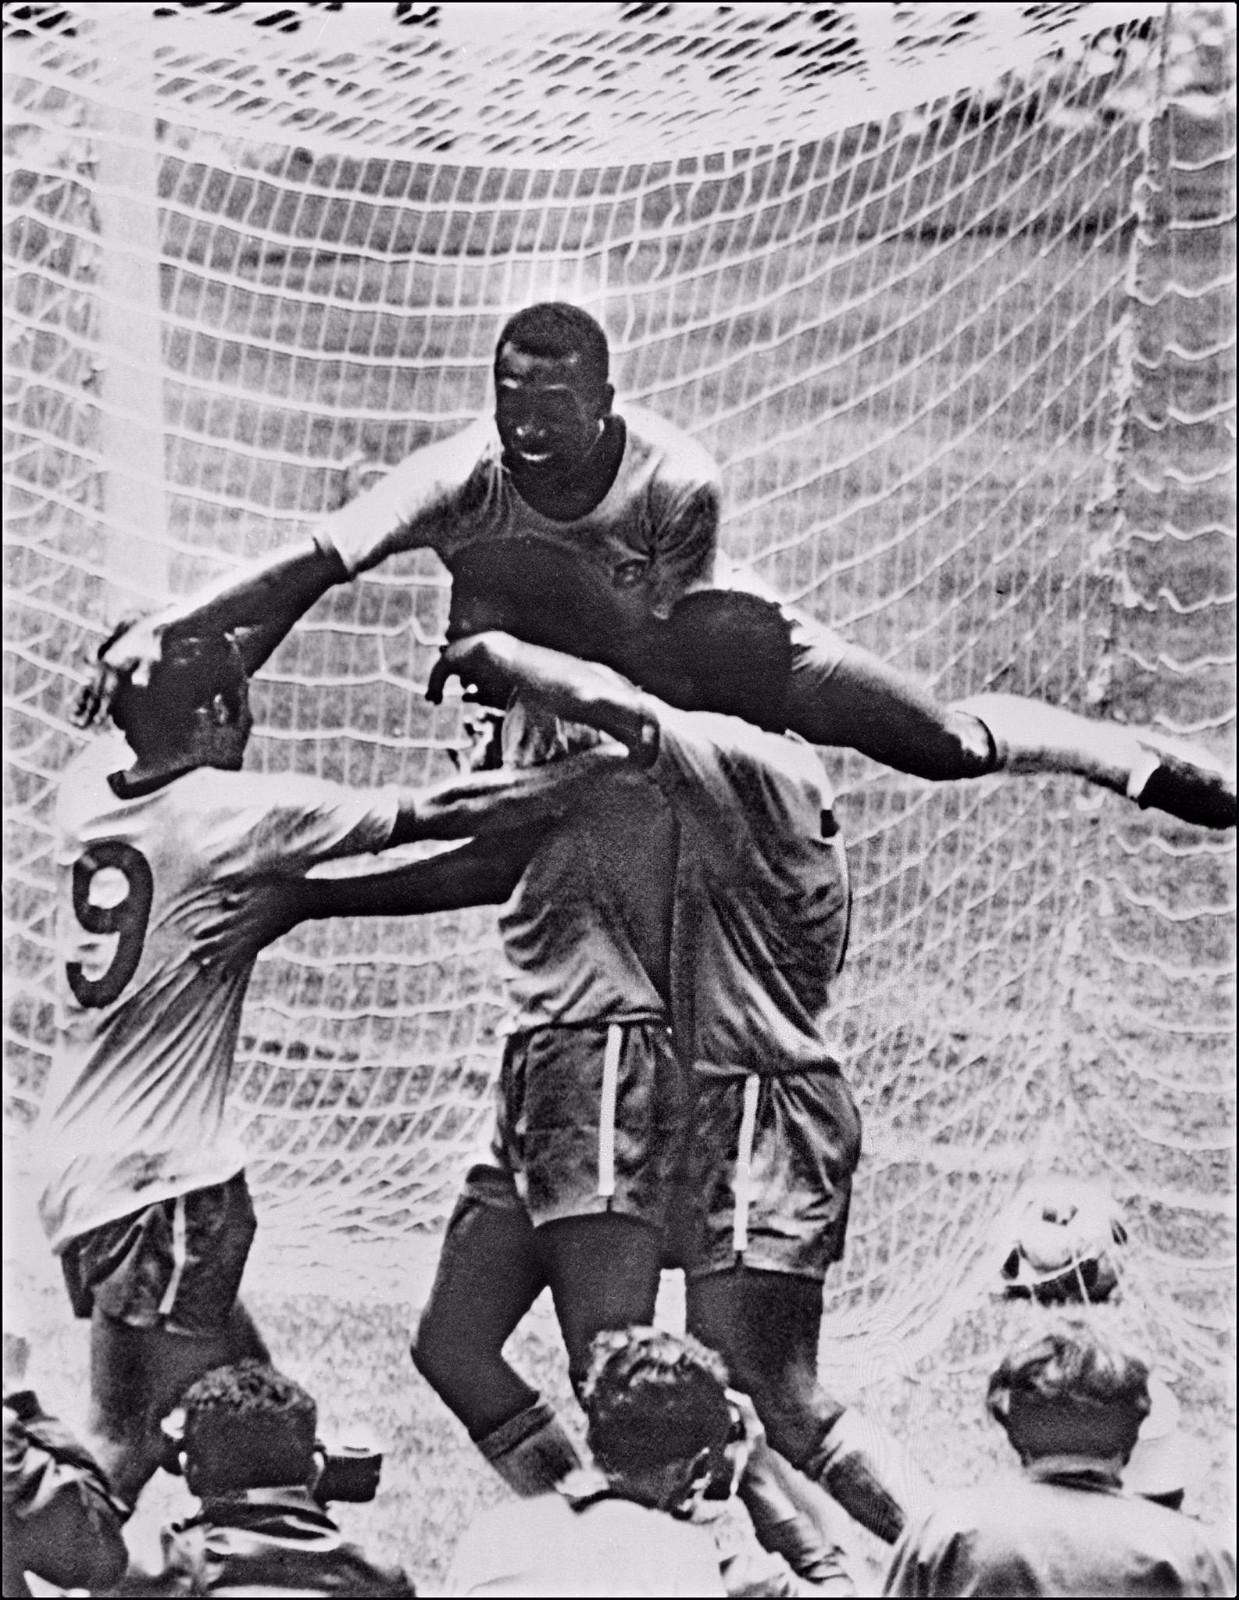 """贝利1940年出生在巴西一个贫寒家庭,被国际足联授予""""球王""""称号。贝利曾四次代表巴西出战世界杯,三次夺得冠军,为祖国永久保留了国际足联金杯。\\\\r\\\\n图为1970年6月21日,巴西队前锋贝利(上)在墨西哥举行的第九届世界杯决赛对阵意大利队的比赛中与队友庆祝进球。"""